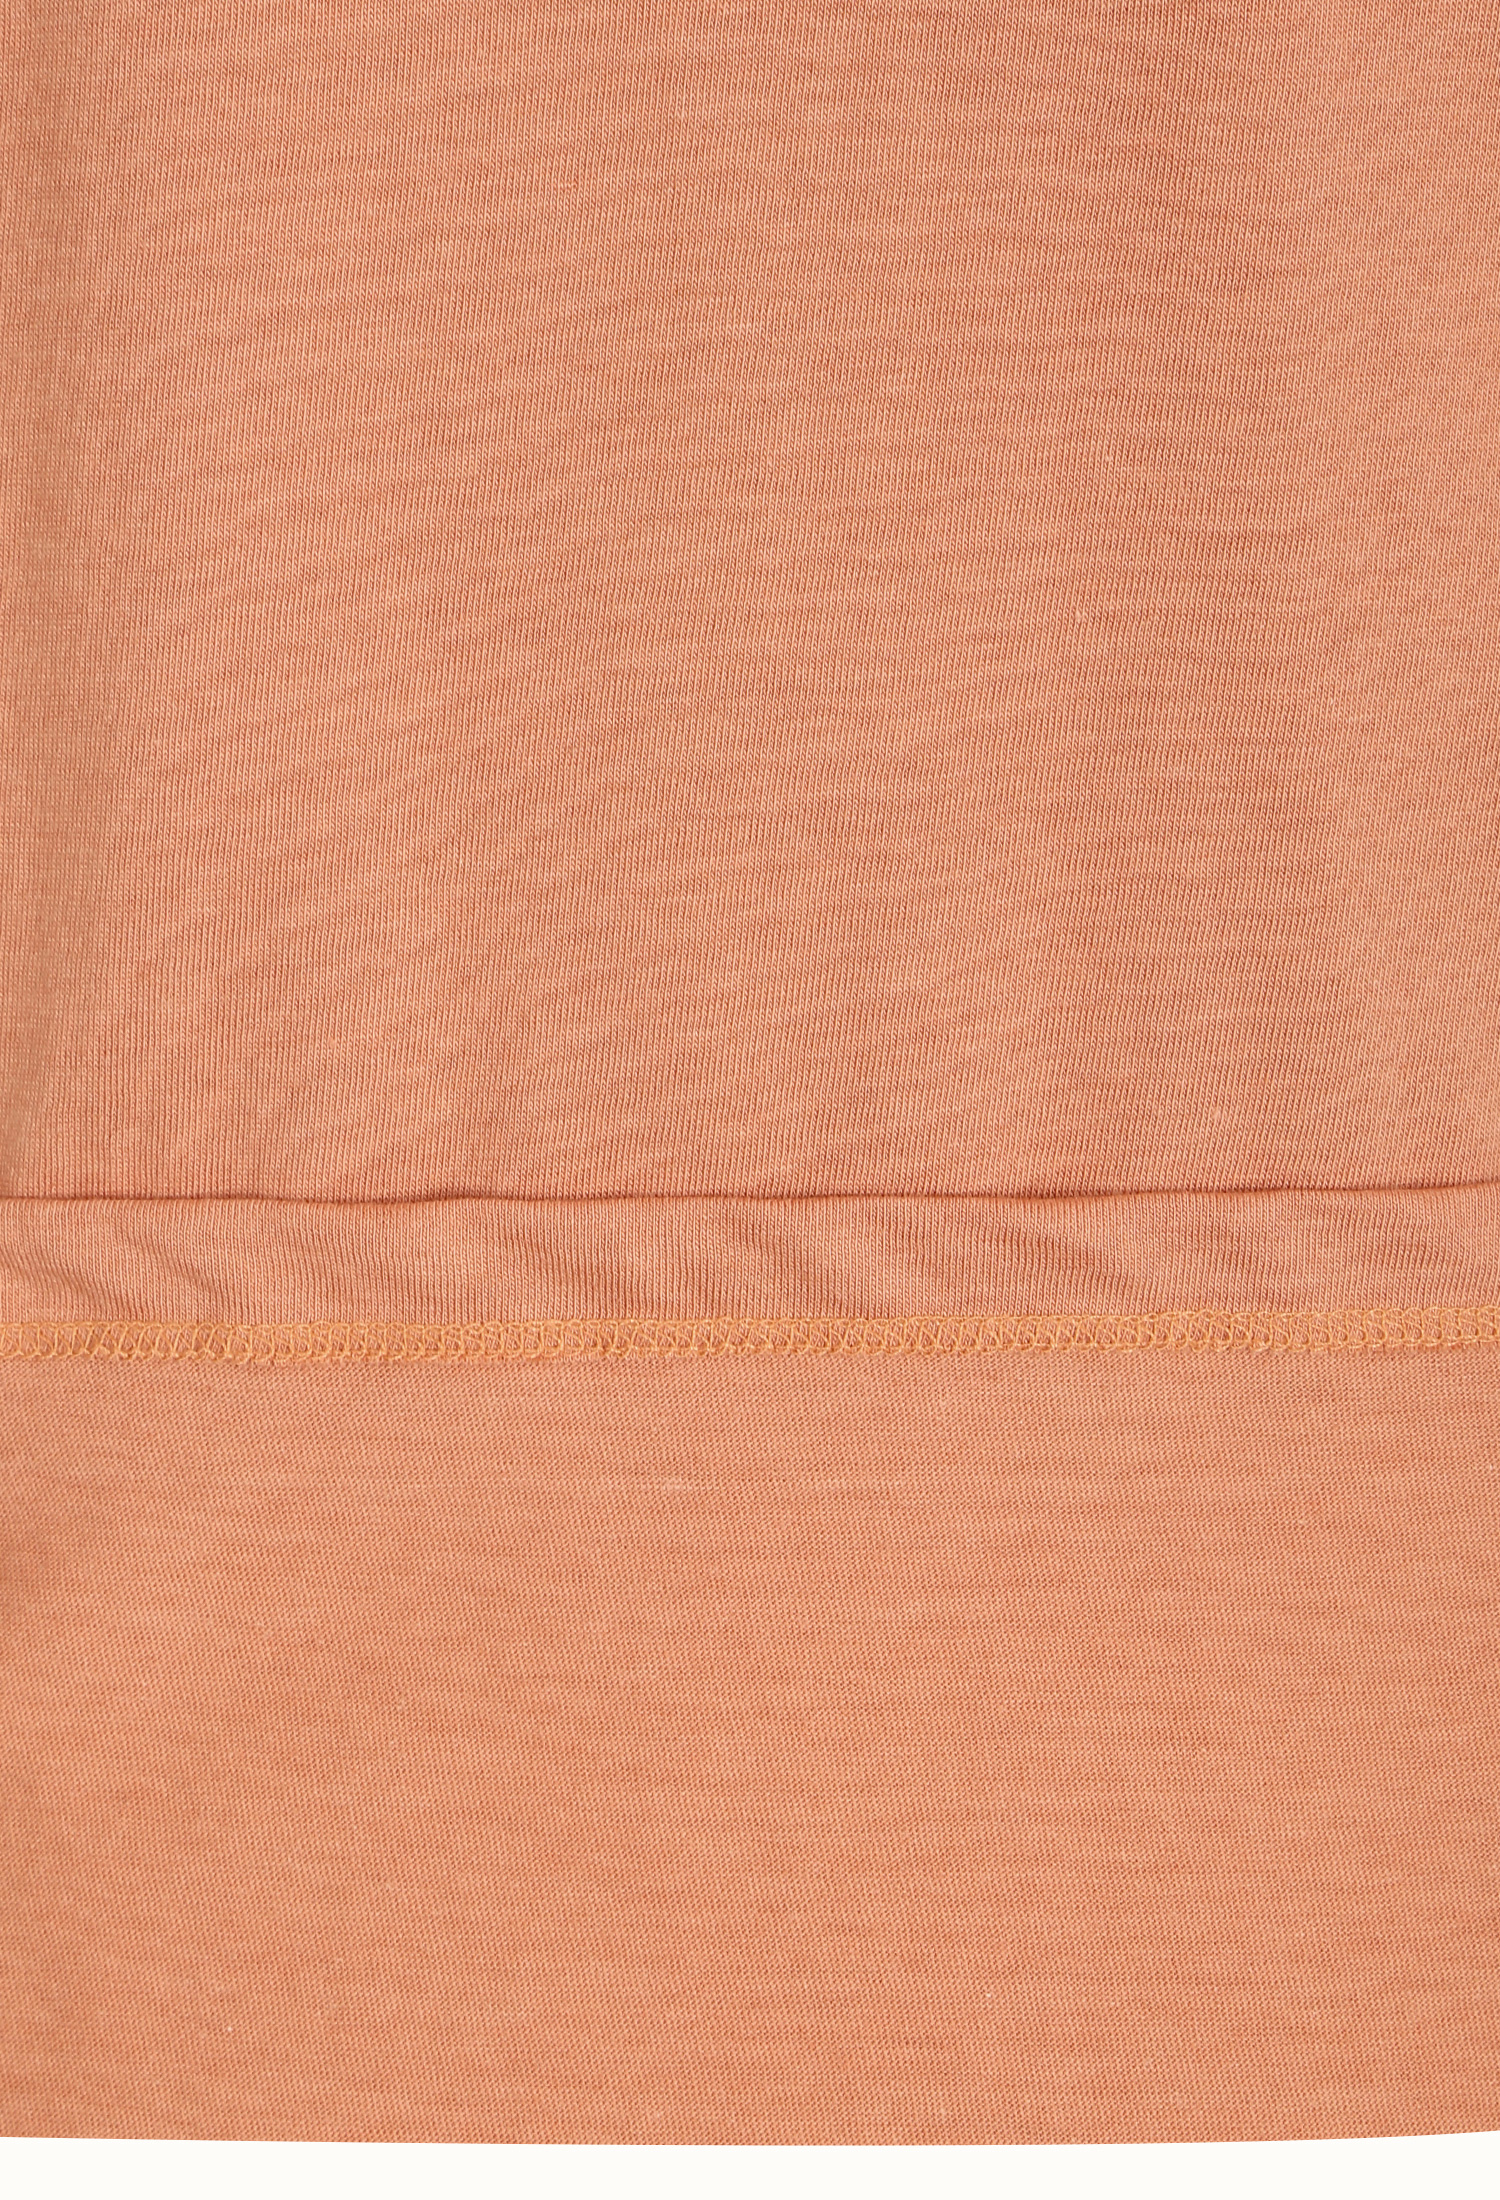 턱 장식 레글런 티셔츠 (CORAL)